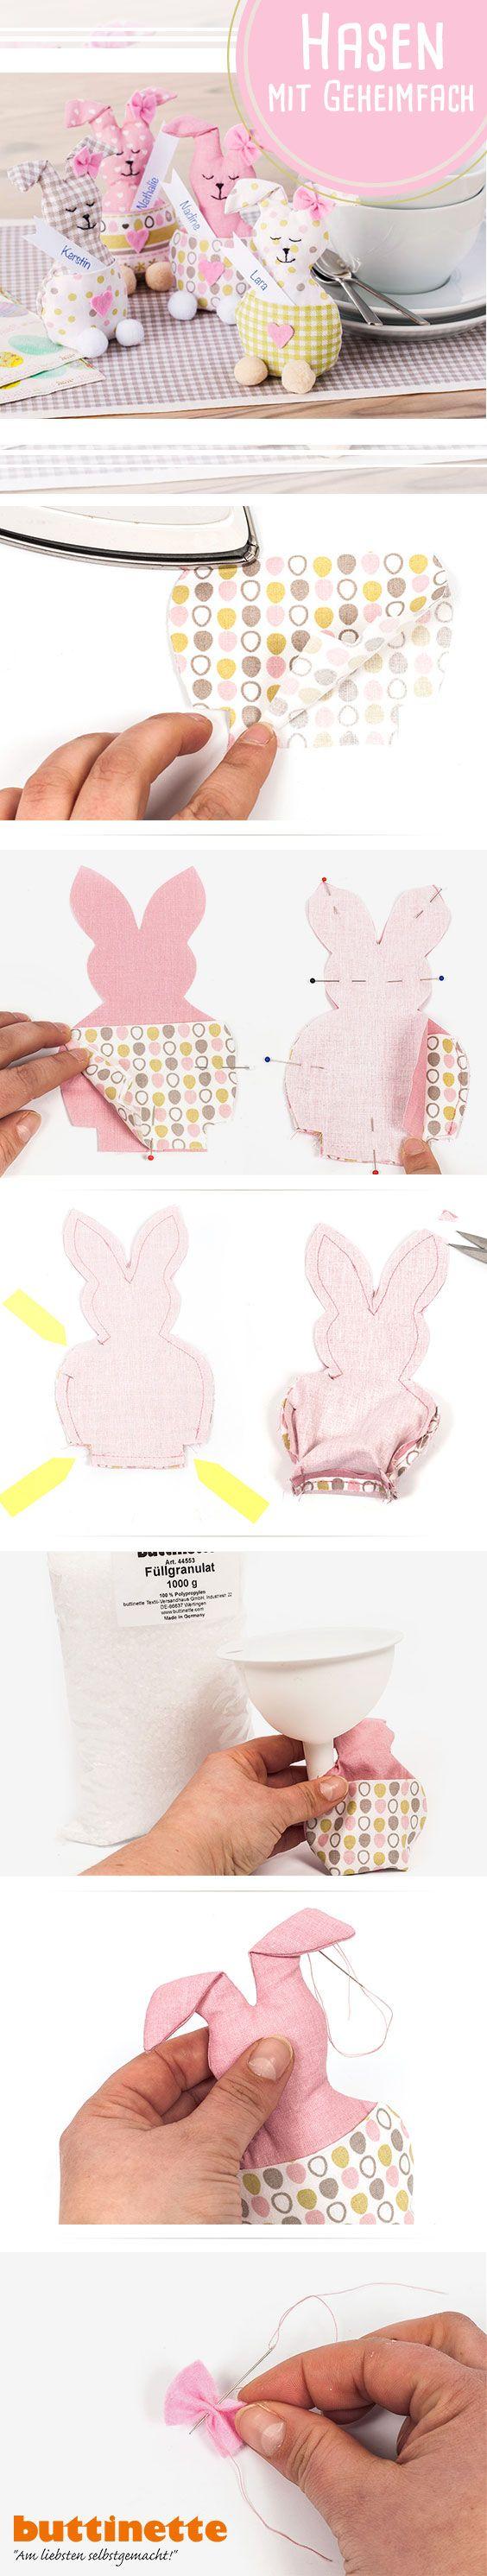 Osterhasen als Tischdeko, Platzkärtchen oder Geldgeschenk!   #Nähen #Ostern #Schnittmuster #kostenlos #Anleitung #Osterhase #DIY #Tutorial #Tischdeko #Osterfrühstück #pattern #free #buttinette